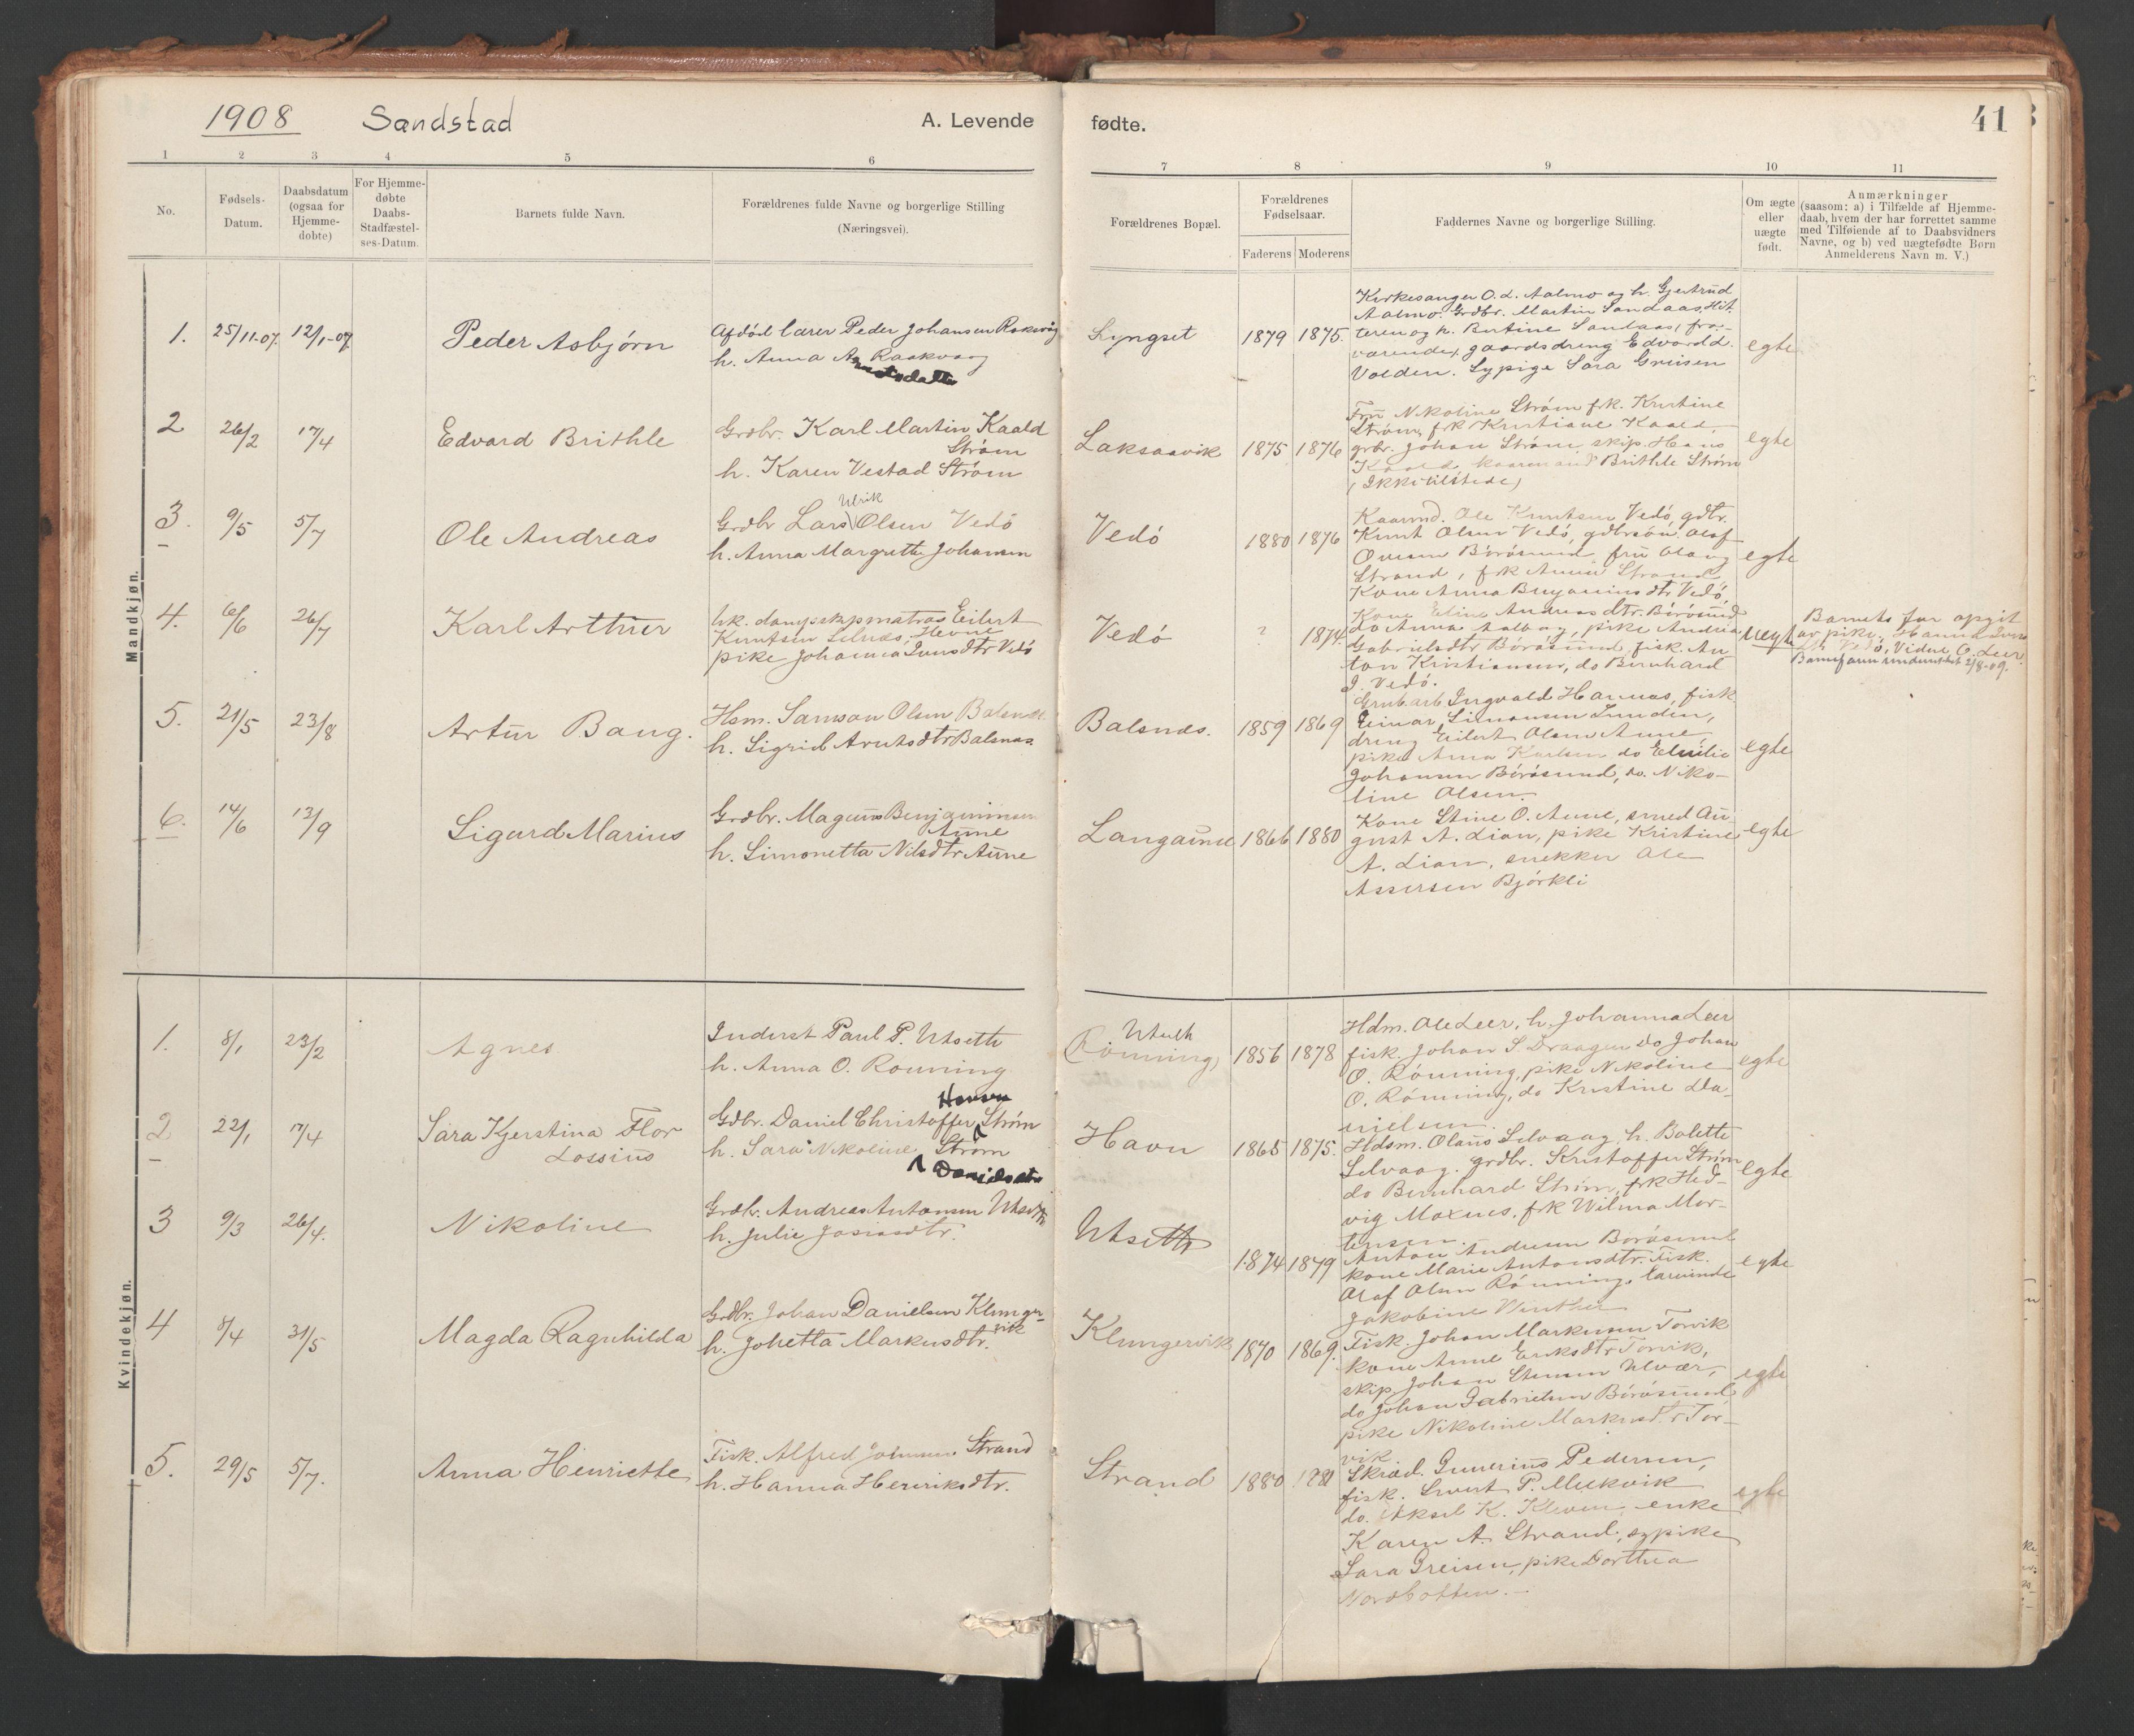 SAT, Ministerialprotokoller, klokkerbøker og fødselsregistre - Sør-Trøndelag, 639/L0572: Ministerialbok nr. 639A01, 1890-1920, s. 41